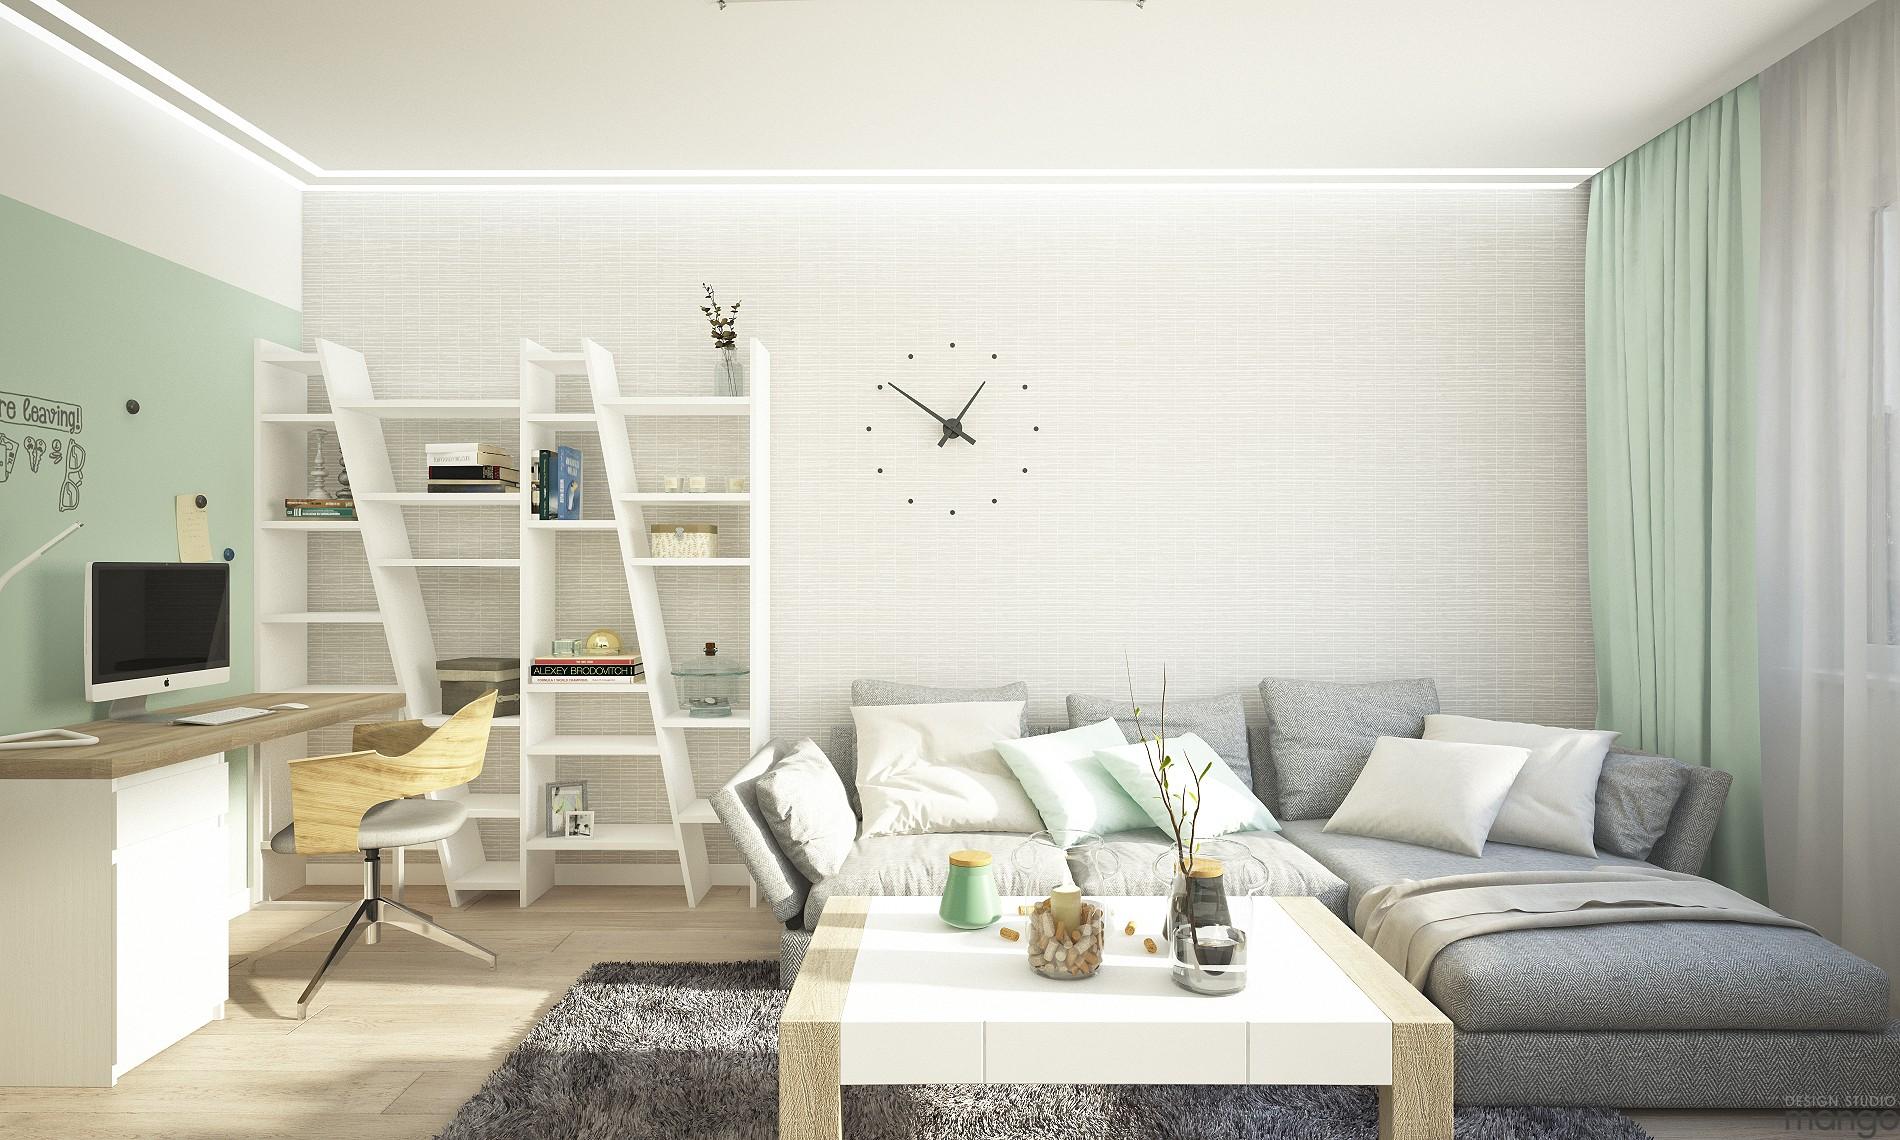 contemporray home design